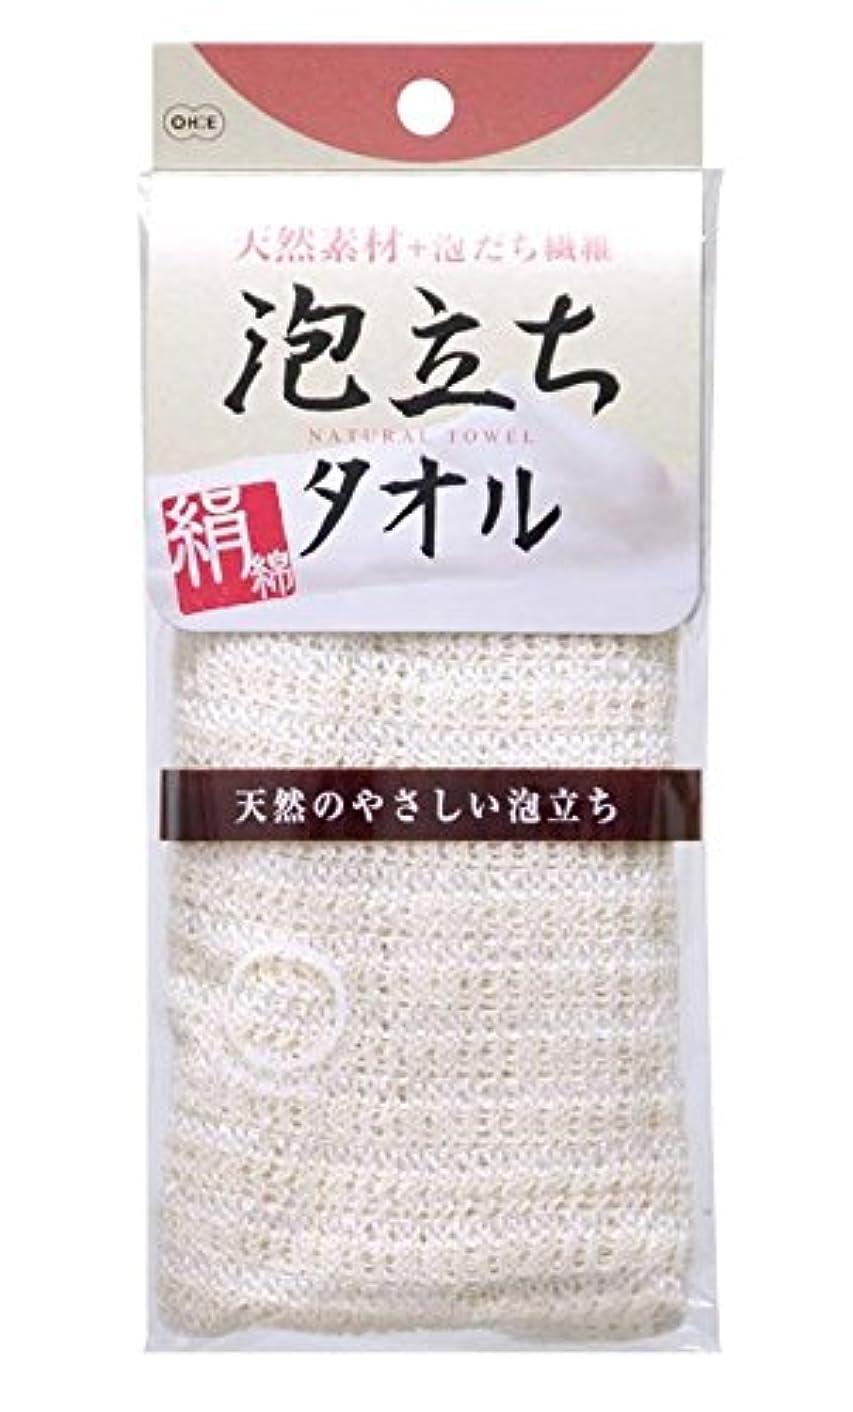 苦難服を着る通信するオーエ 泡立ち天然タオル 絹綿